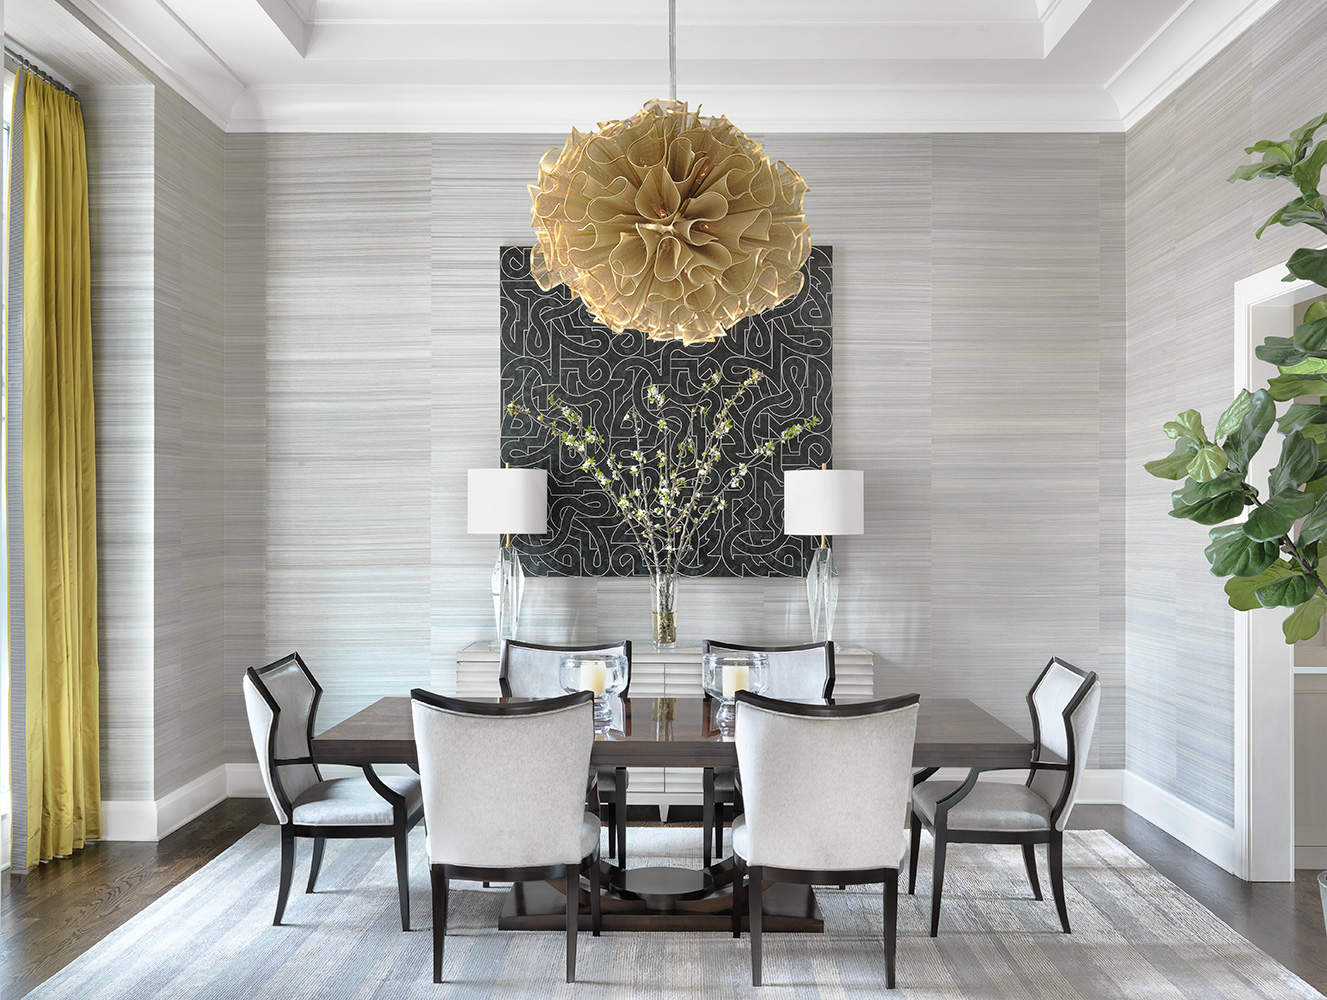 KellyJohnson_Dining-Room.jpg